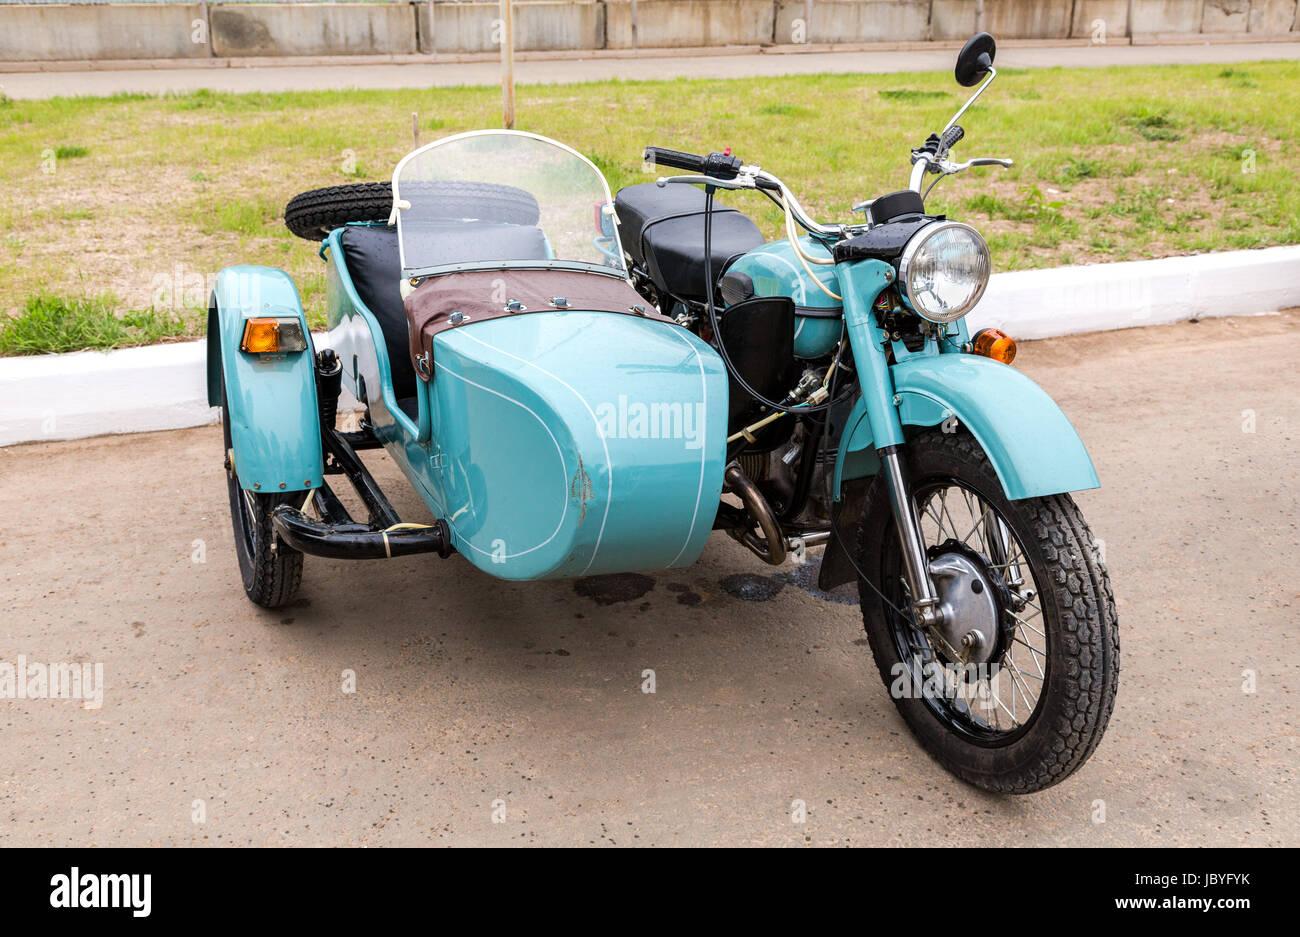 vintage bike and sidecar stockfotos vintage bike and. Black Bedroom Furniture Sets. Home Design Ideas